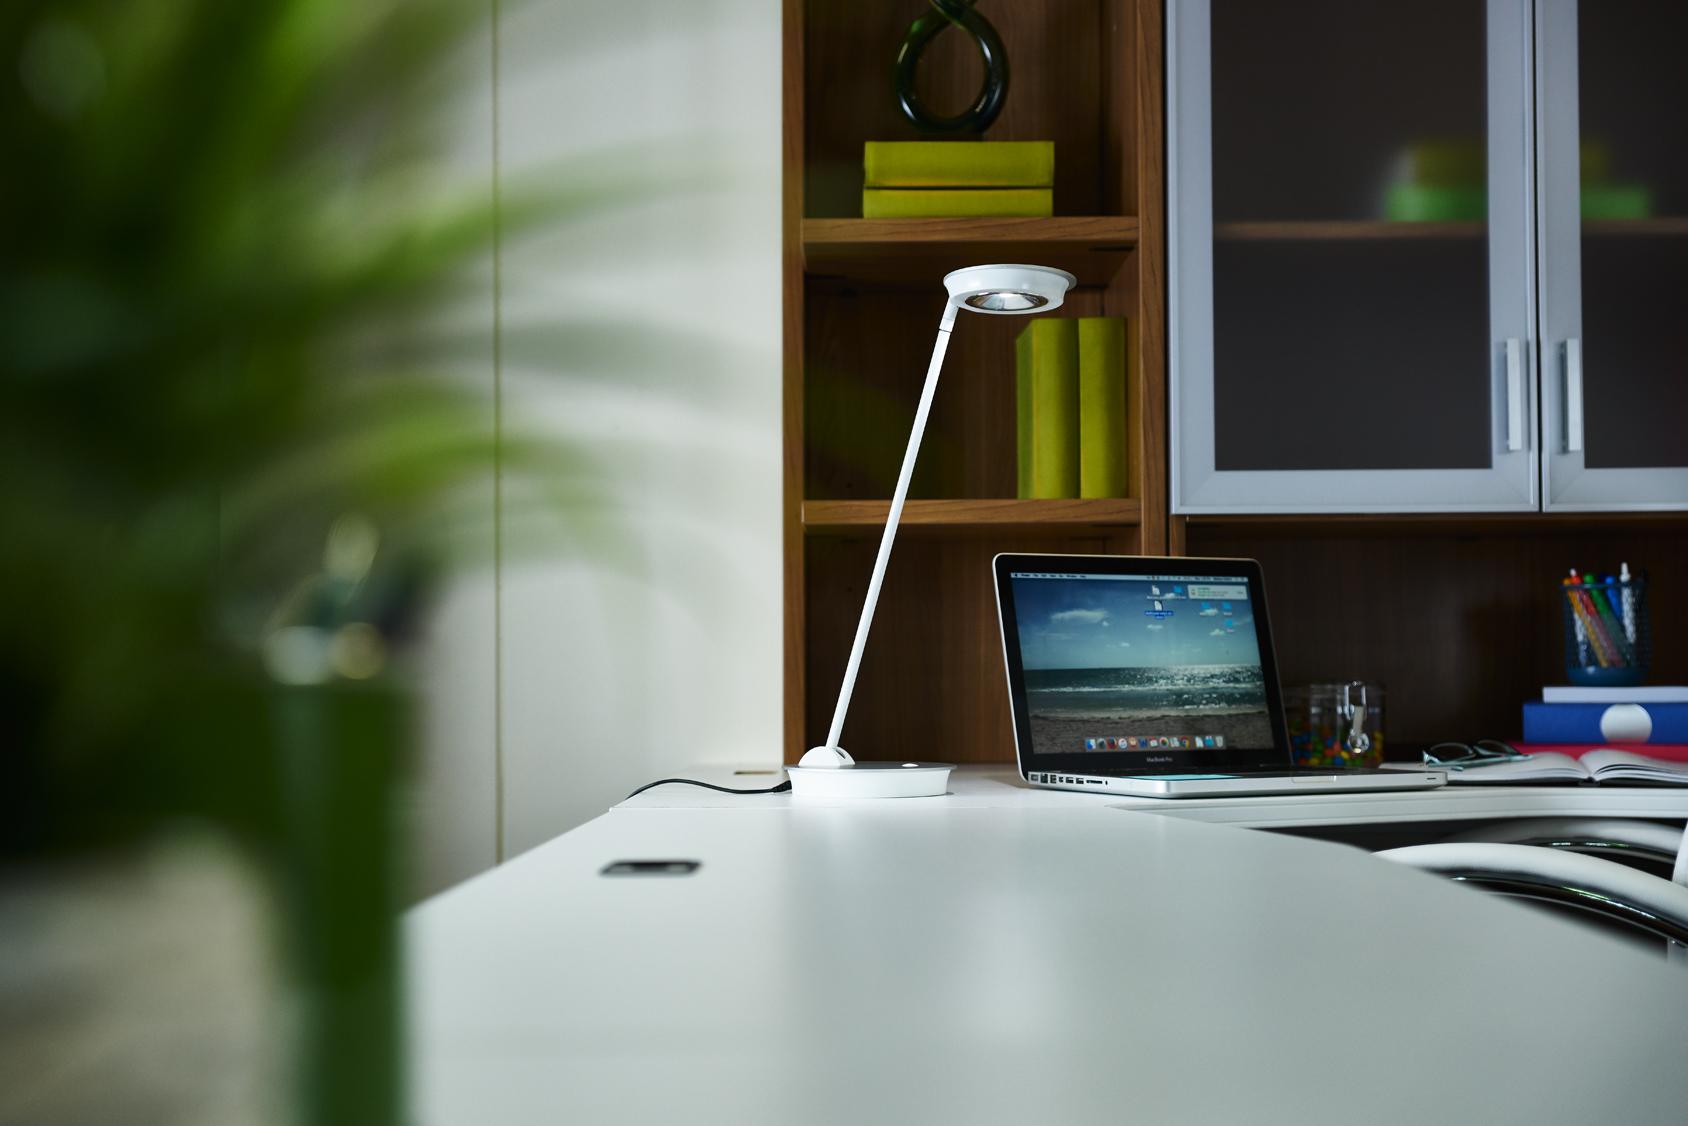 ottlite-uplift-desk-lamp-office2